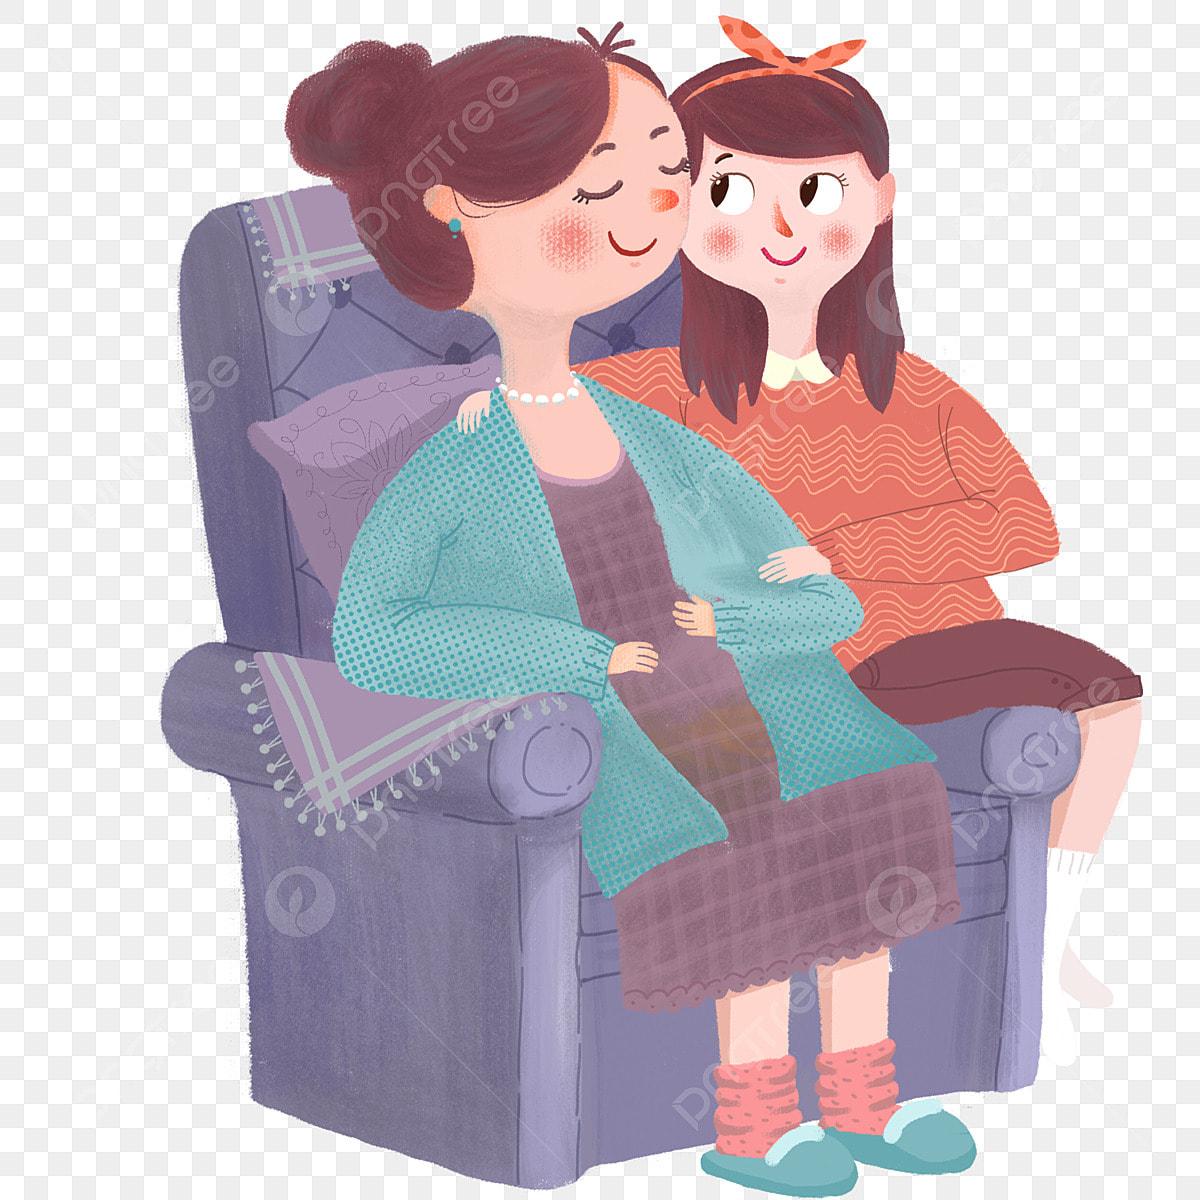 Gambar Ibu Dan Anak Perempuan Sofa Perbualan Seorang Duduk Perempuan Anak Png Dan Psd Untuk Muat Turun Percuma